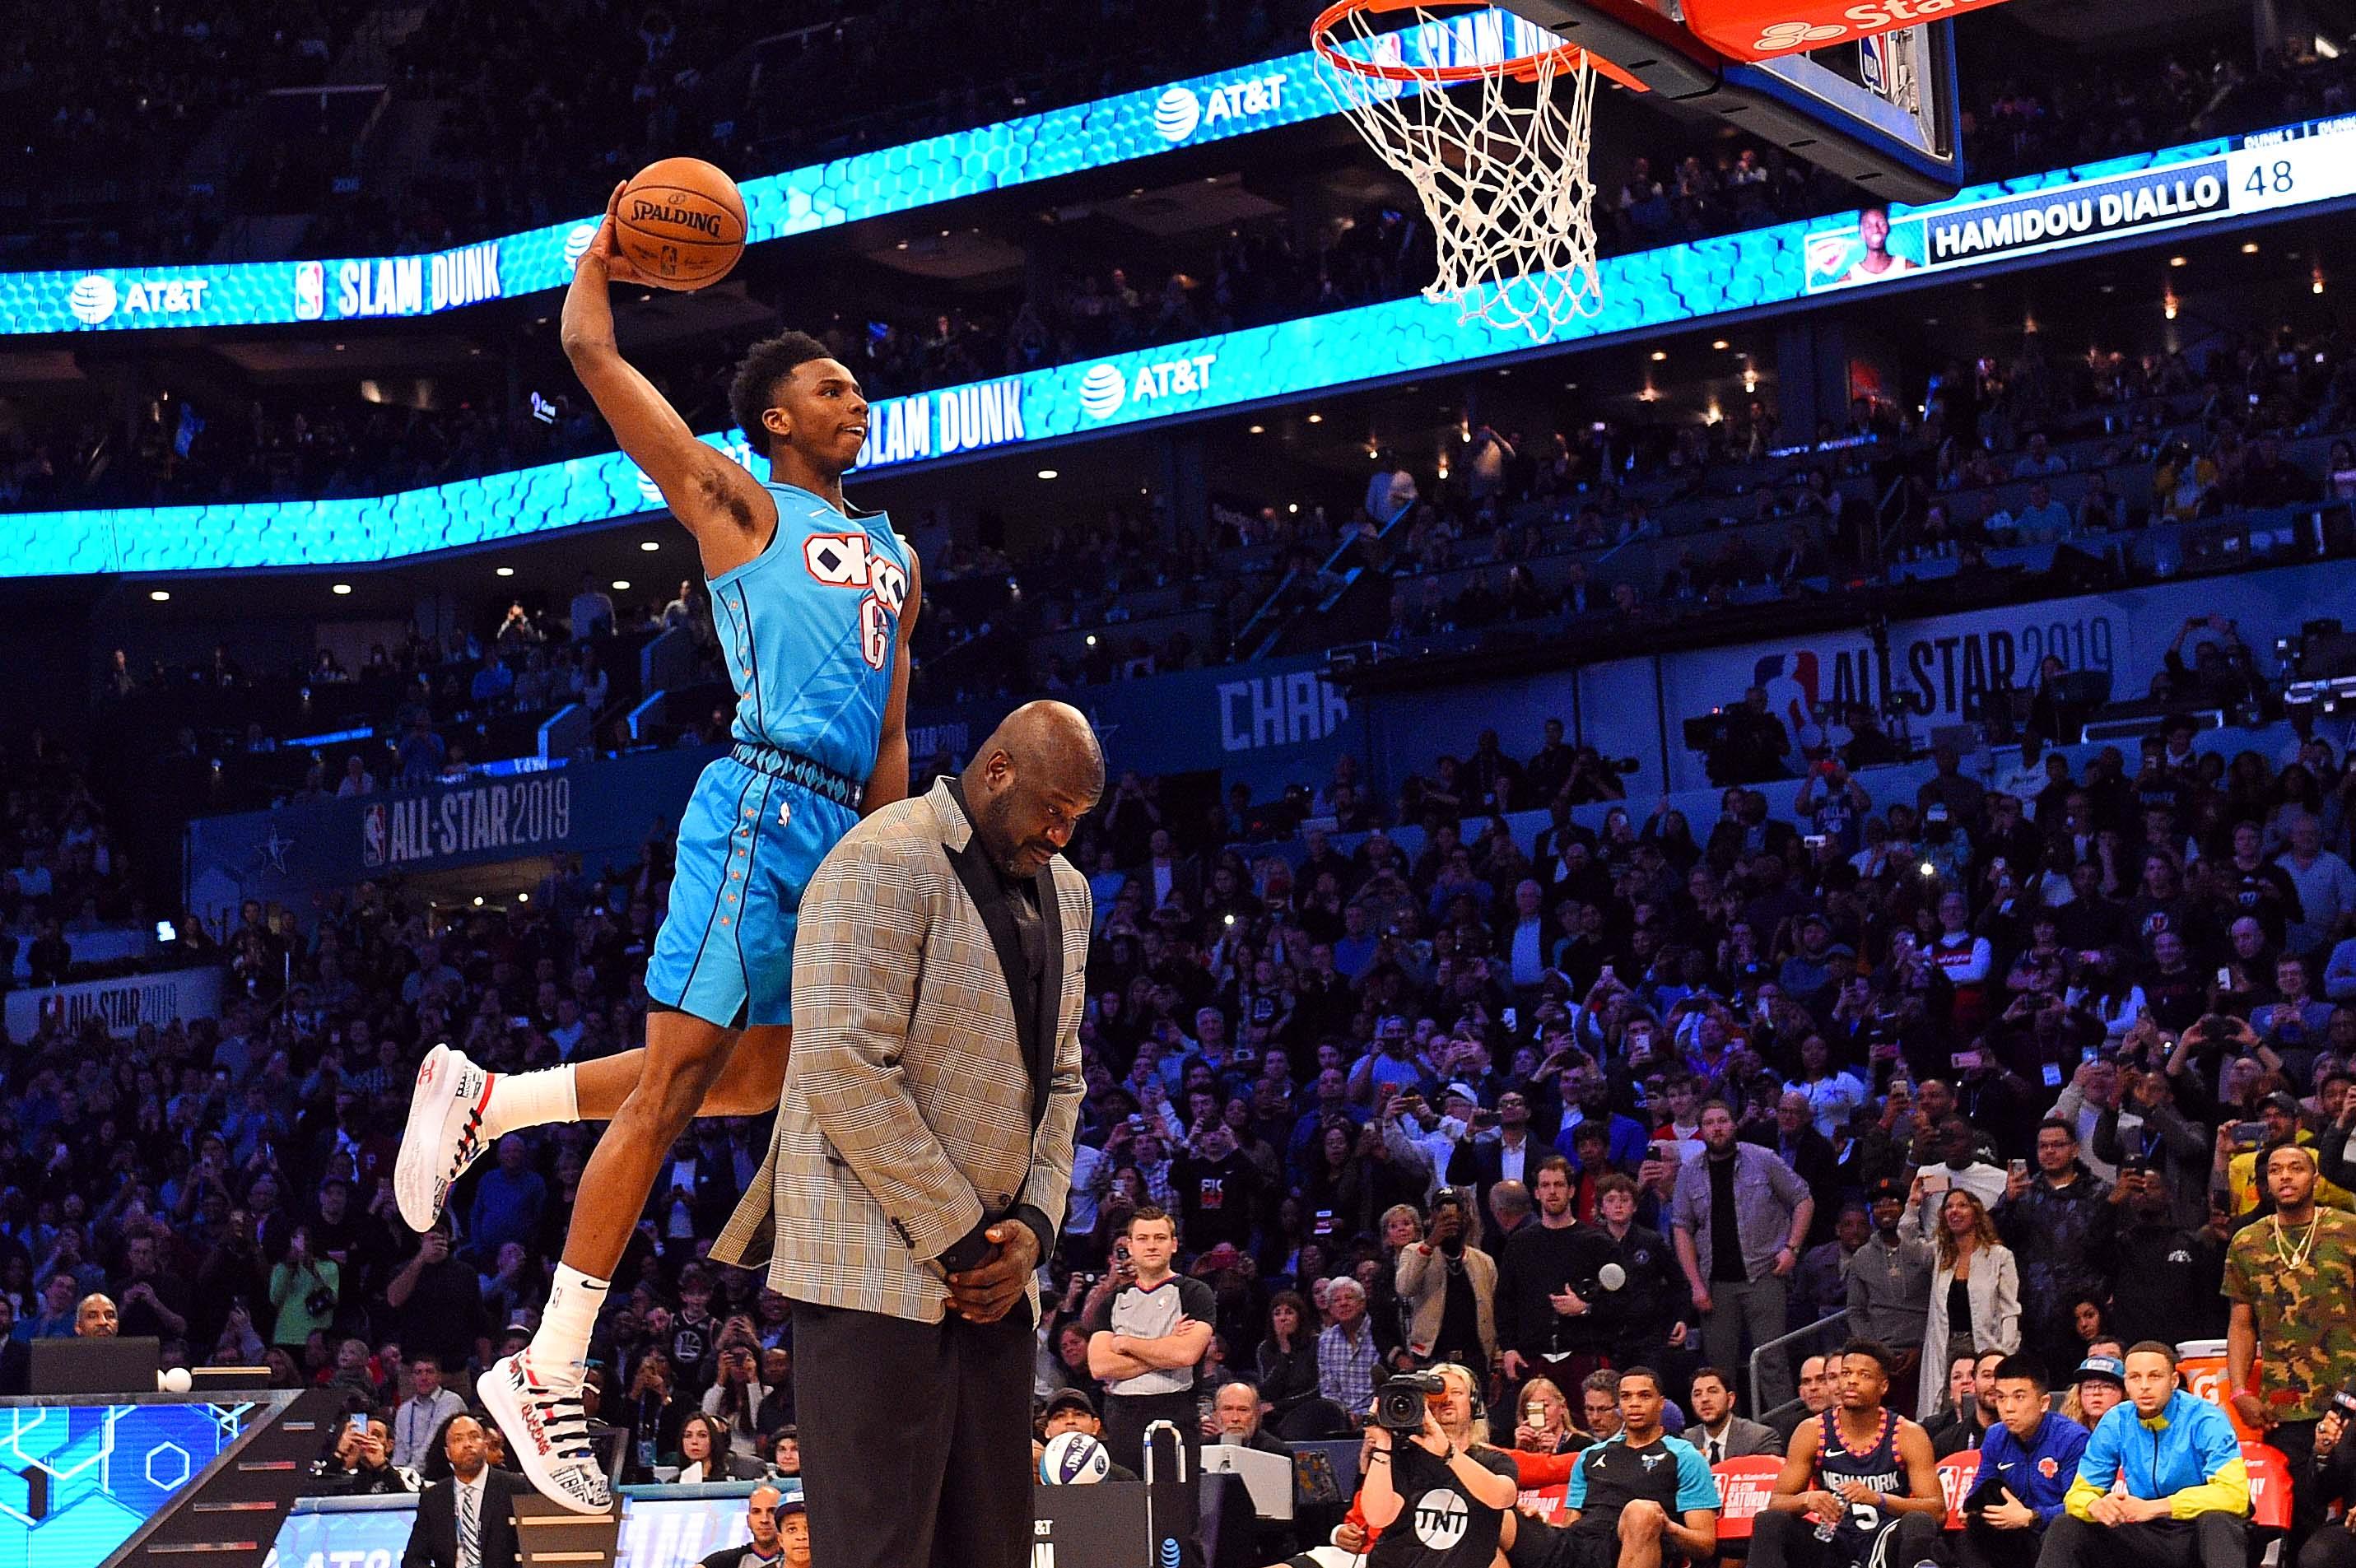 Basket - NBA - En sautant par-dessus le Shaq, Diallo égaie un concours de dunks médiocre